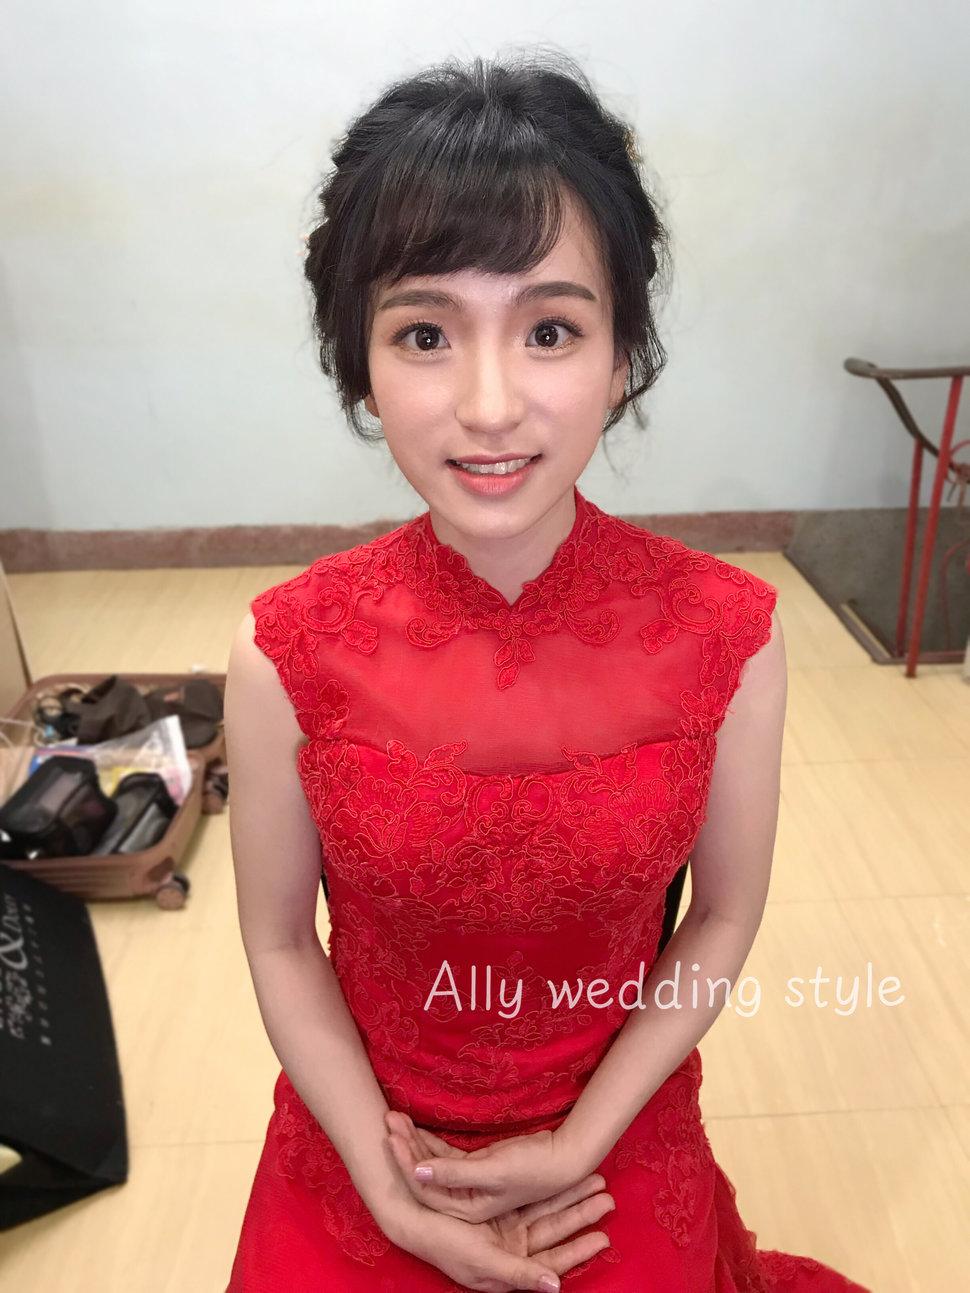 97DDEF58-9E8B-47E3-88F7-7A5A74598549 - 台中高雄新娘秘書Ally Chen《結婚吧》